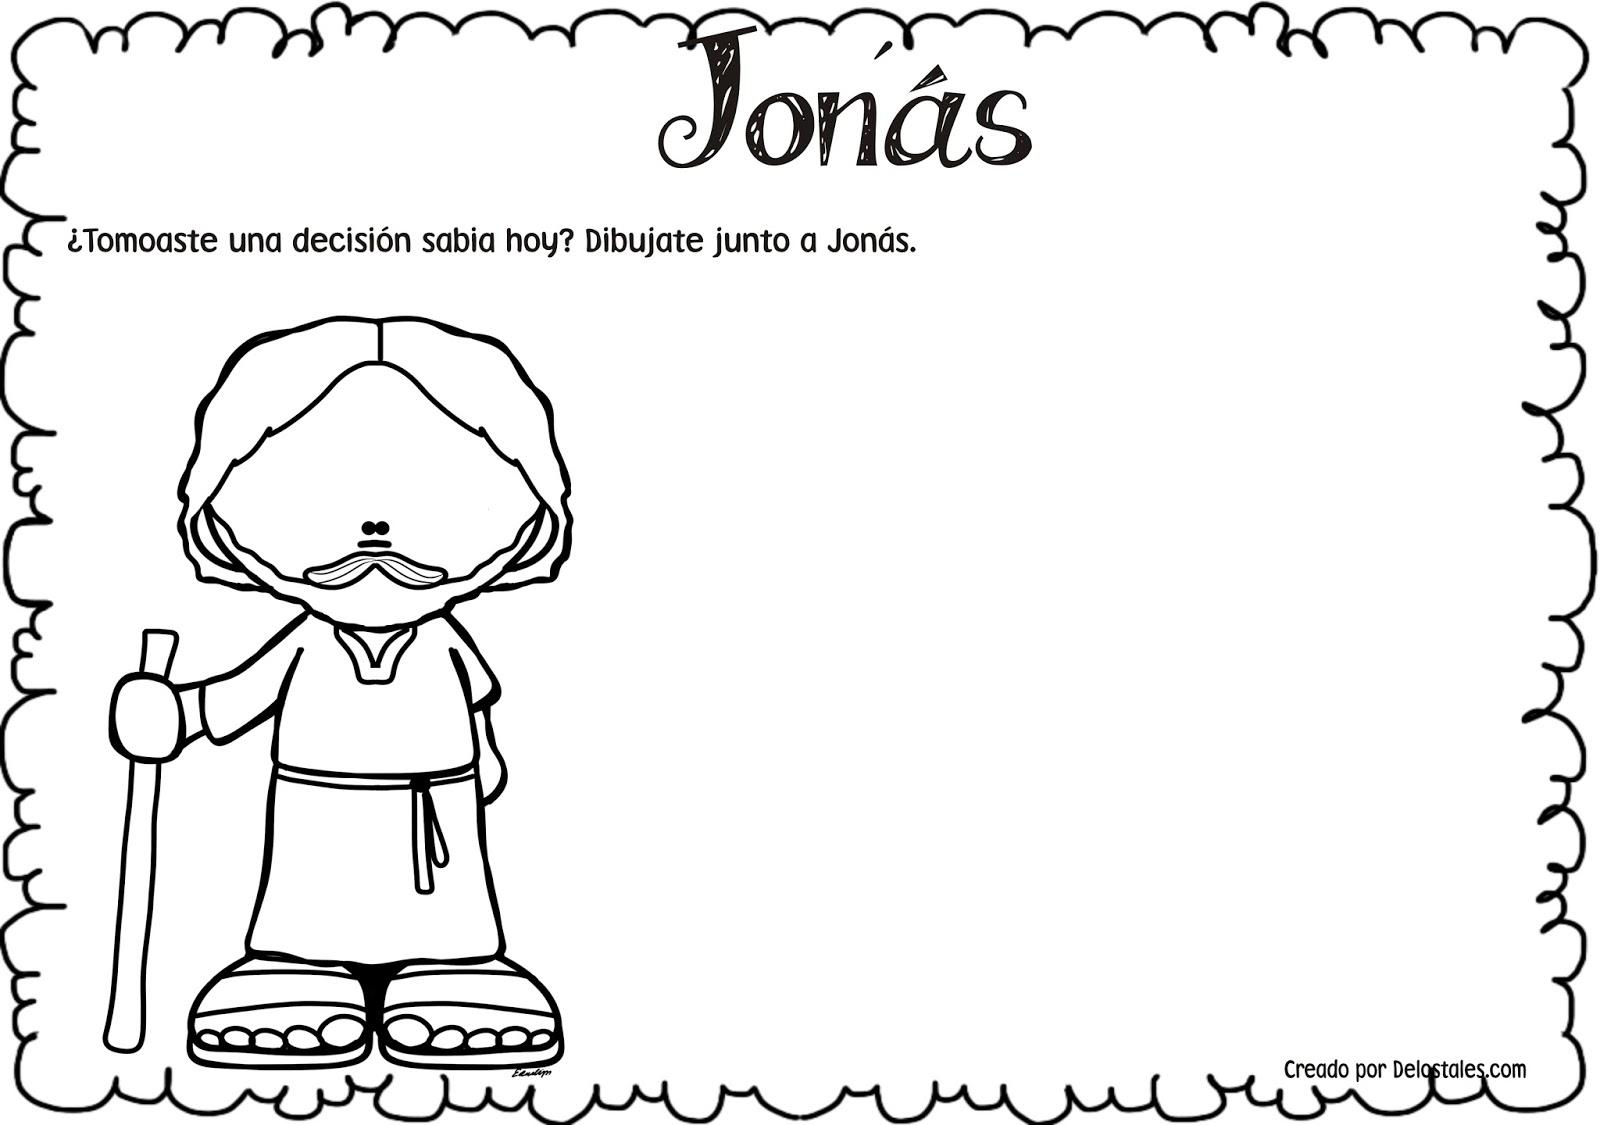 Atractivo Jonah Y Las Hojas Para Colorear De Ballenas ...